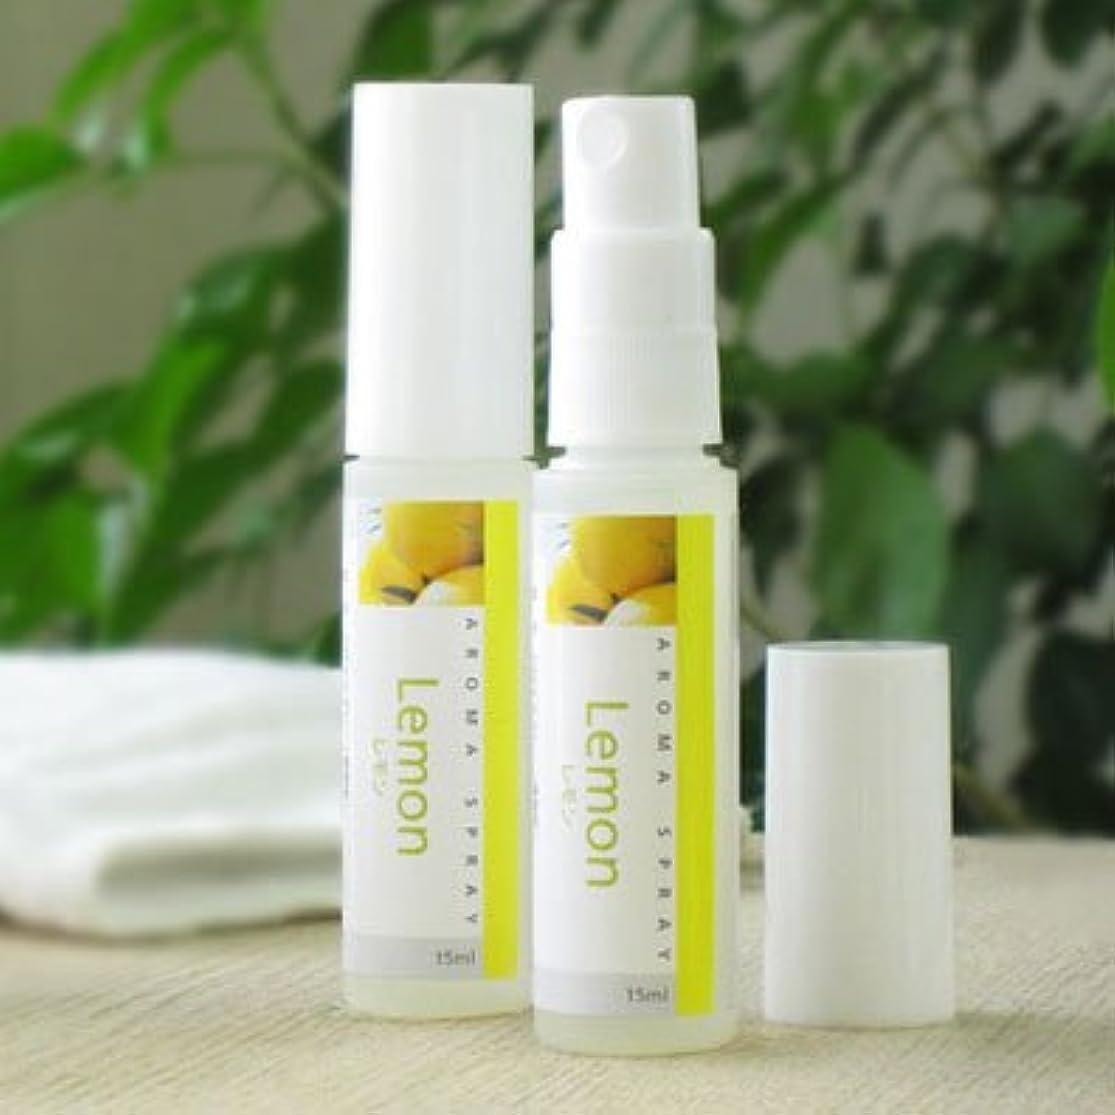 ために同等のホーン天然の香りのアロマスプレー【レモン】15ml ミニボトル